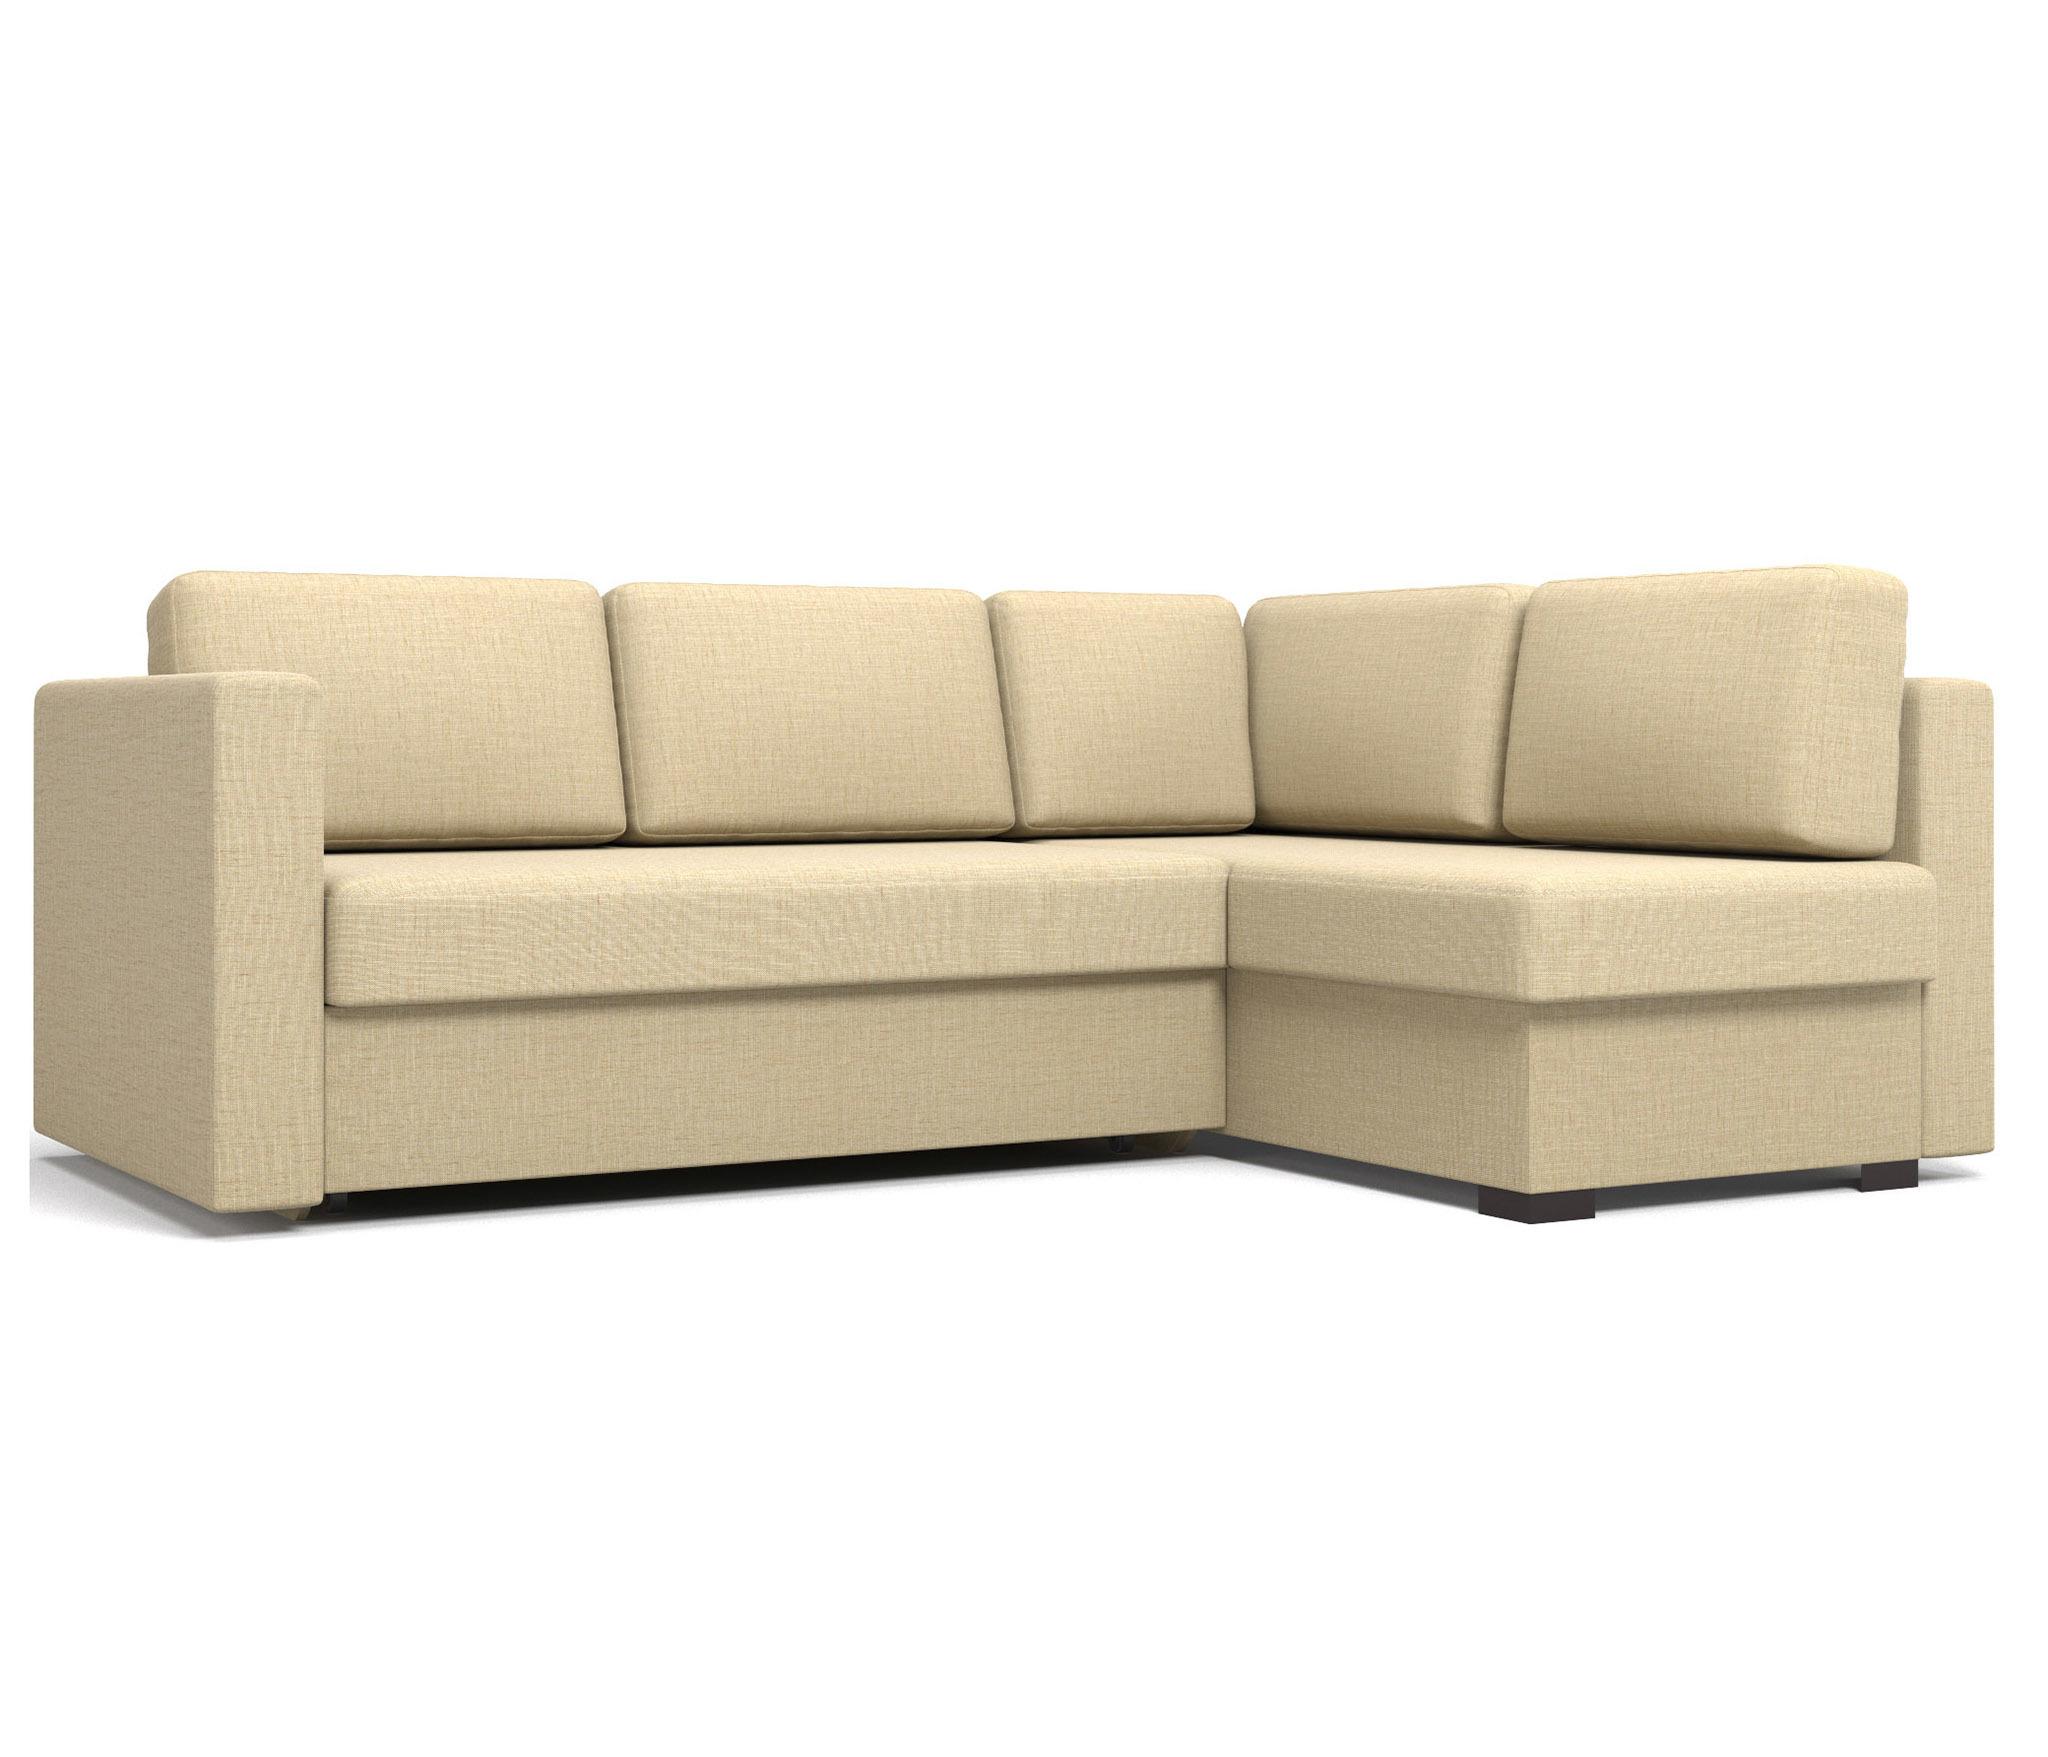 Угловой диван Джессика (правый)Мягкая мебель<br>Механизм трансформации: Дельфин&#13;Расположение угла: Правое&#13;Наличие ящика для белья: да&#13;Материал каркаса: Массив, ЛДСП, Фанера&#13;Наполнитель: ППУ&#13;Размер спального места (мм): 1400х1900&#13;Высота сиденья от пола: 42см]]&gt;<br><br>Длина мм: 2200<br>Высота мм: 850<br>Глубина мм: 1570